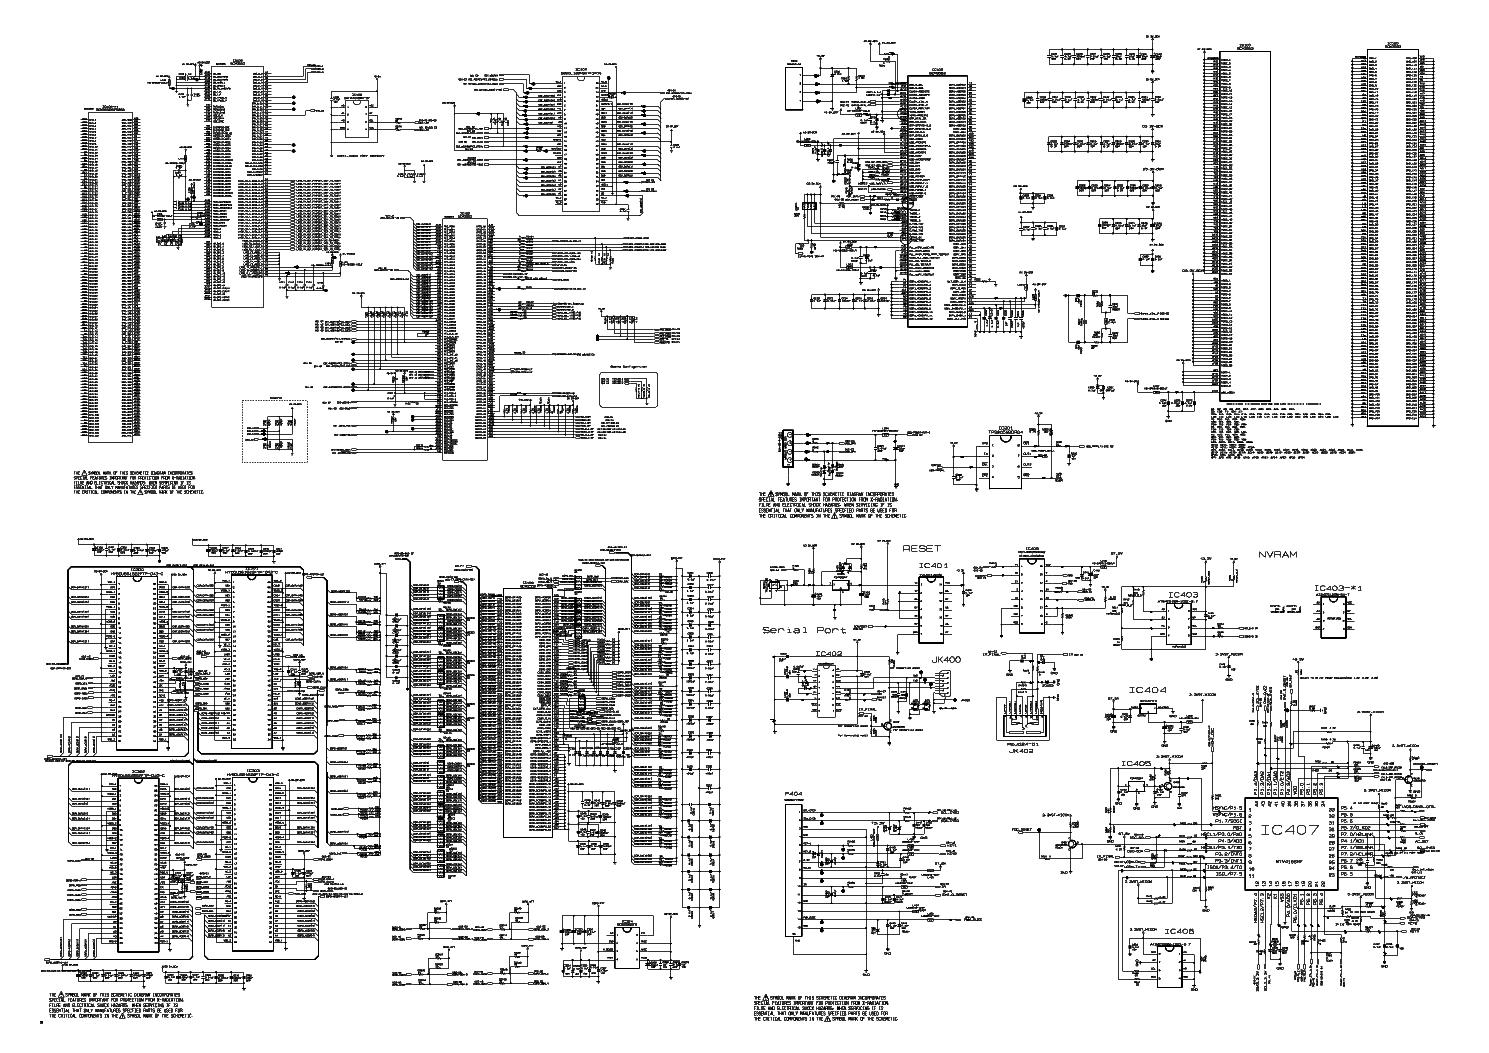 lg 42lg70 schematic service manual download schematics eeprom rh elektrotanya com Manual Book Parts Manual